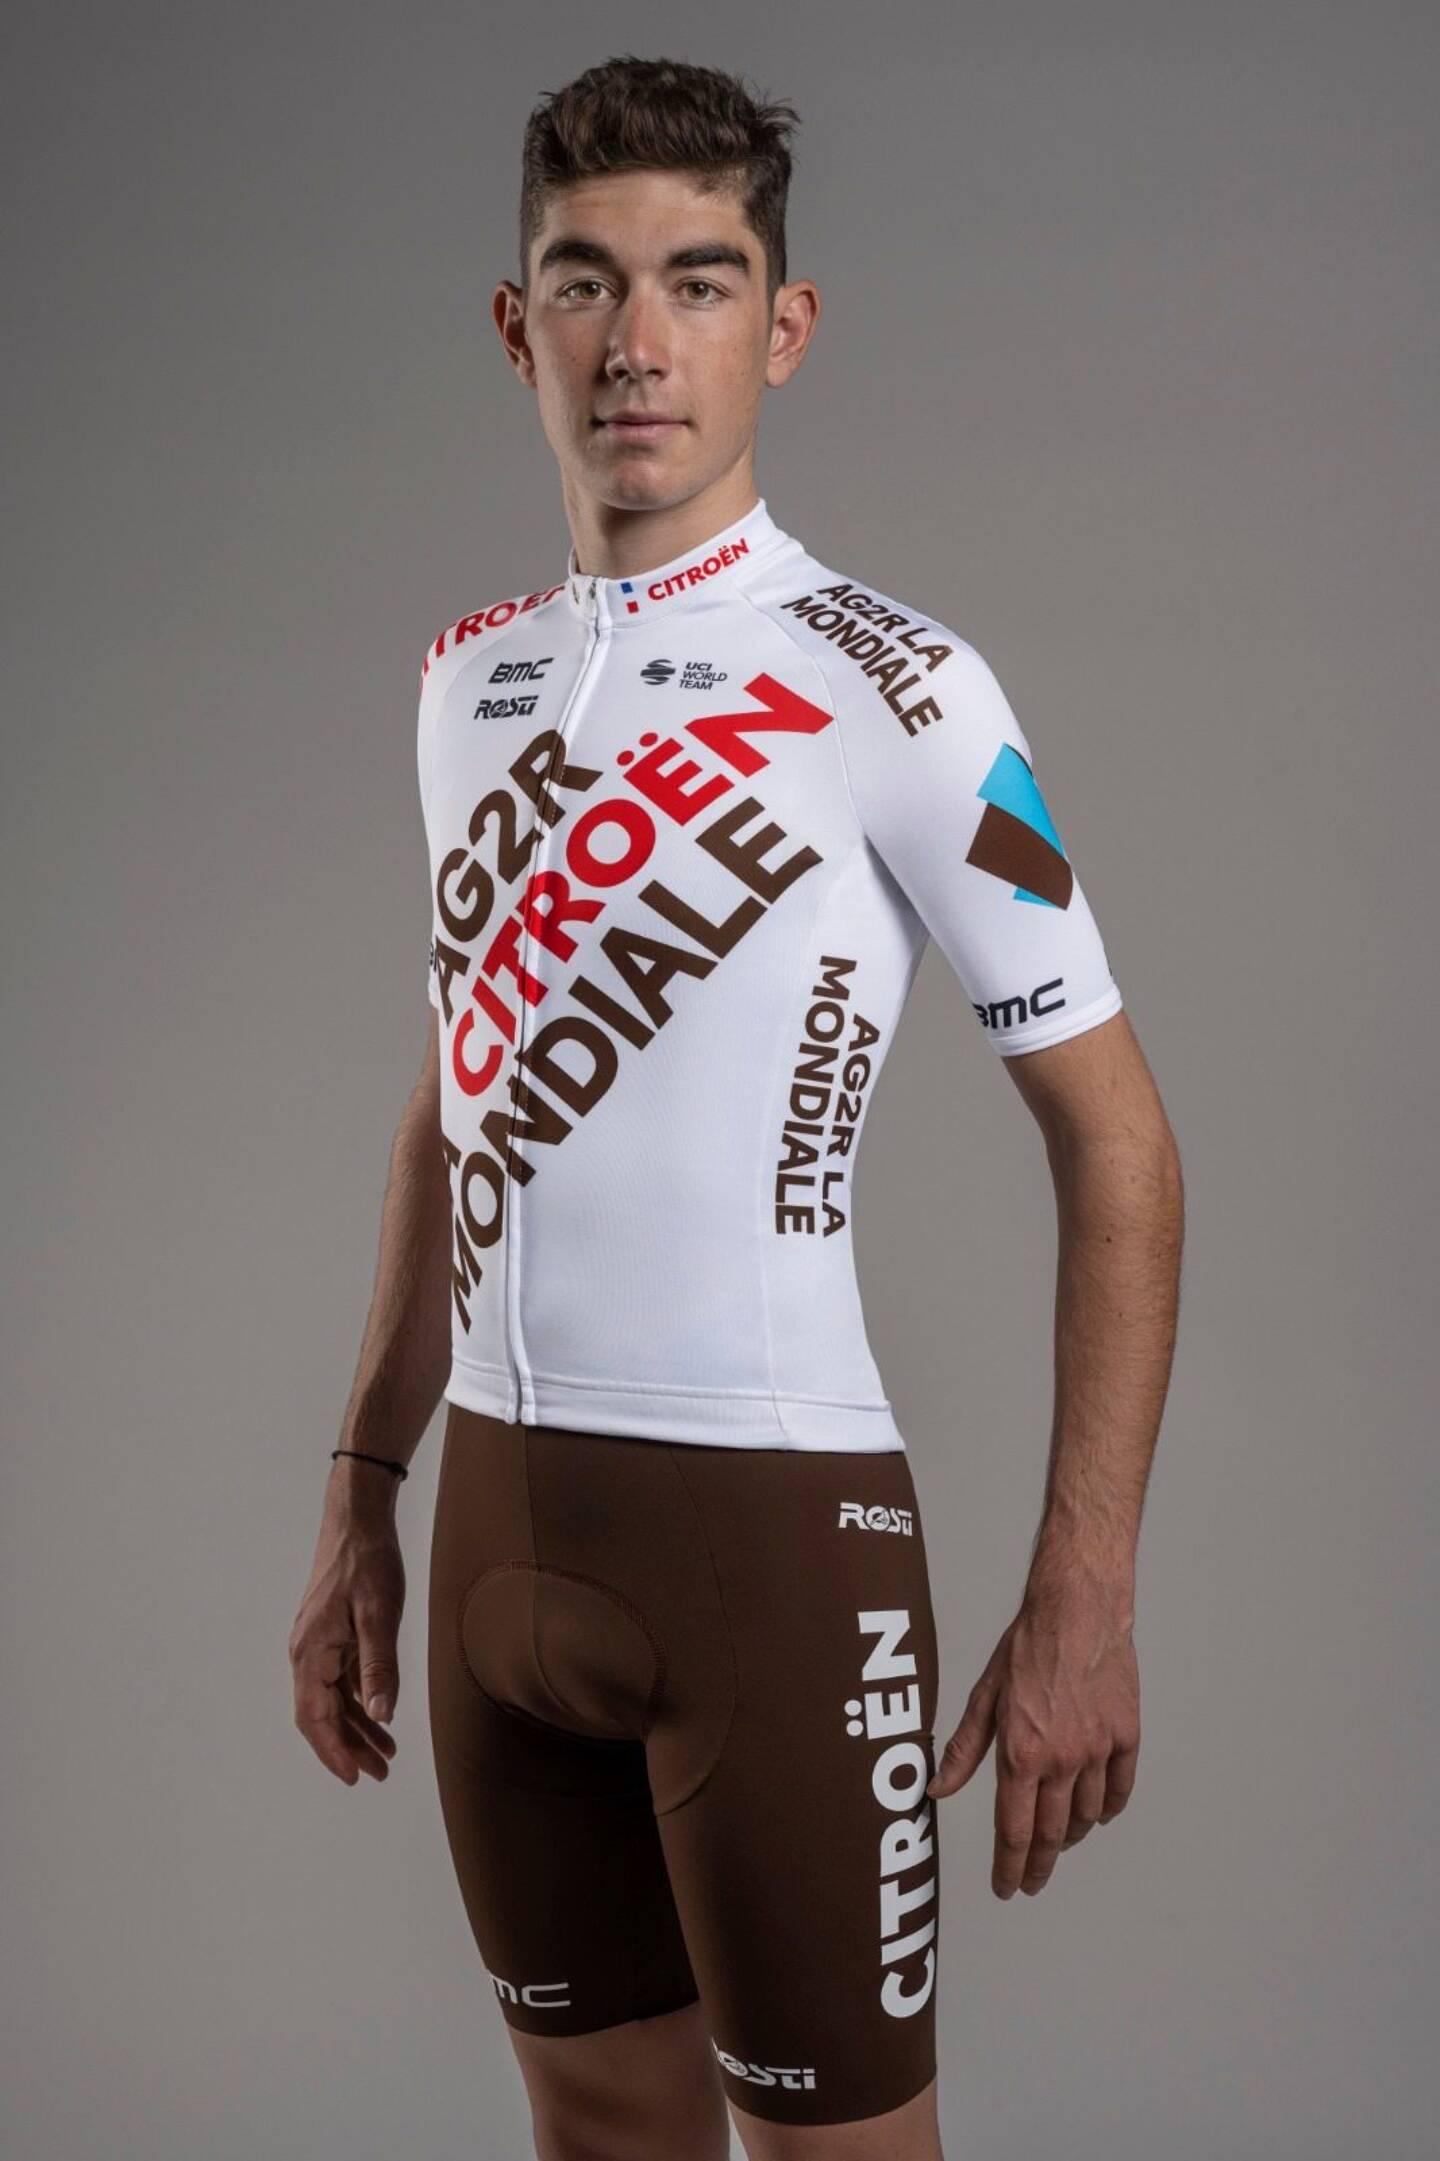 Clément Champoussin reprendra la compétition sur le Tour des Alpes-Maritimes et du Var (19-21 février).